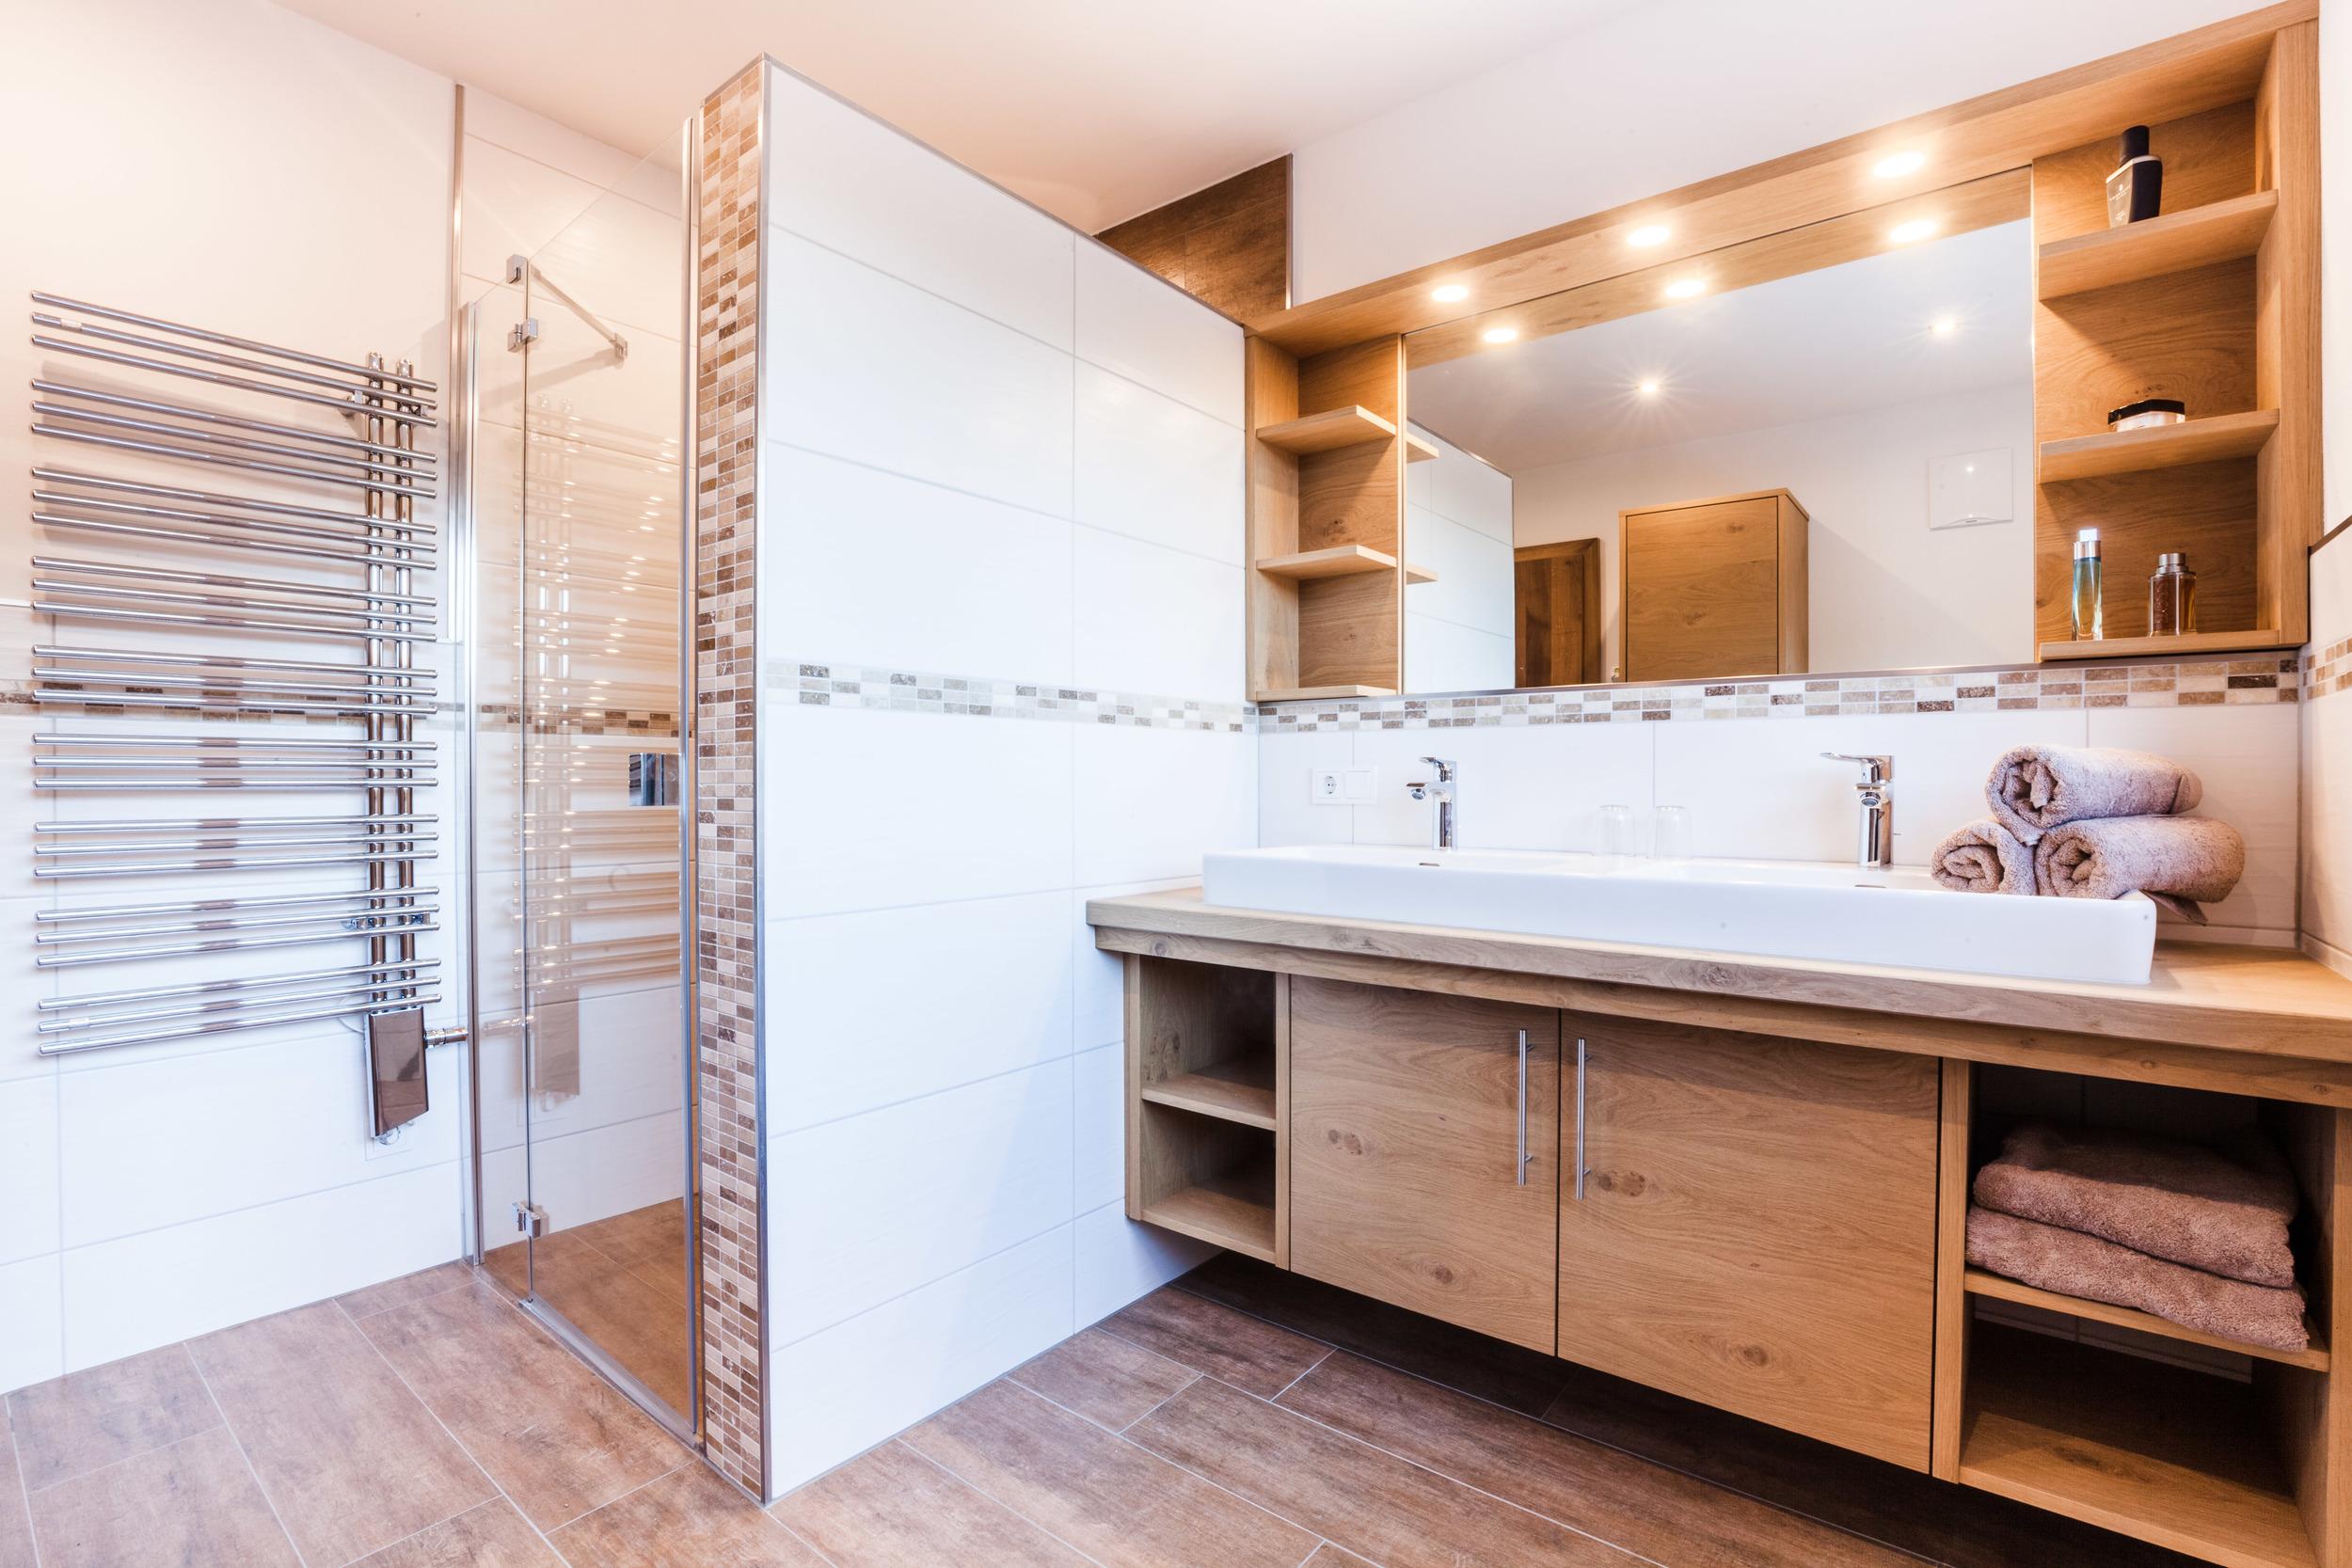 appartement-suites-liana-sophie-neukirchen-haus-innen-bad